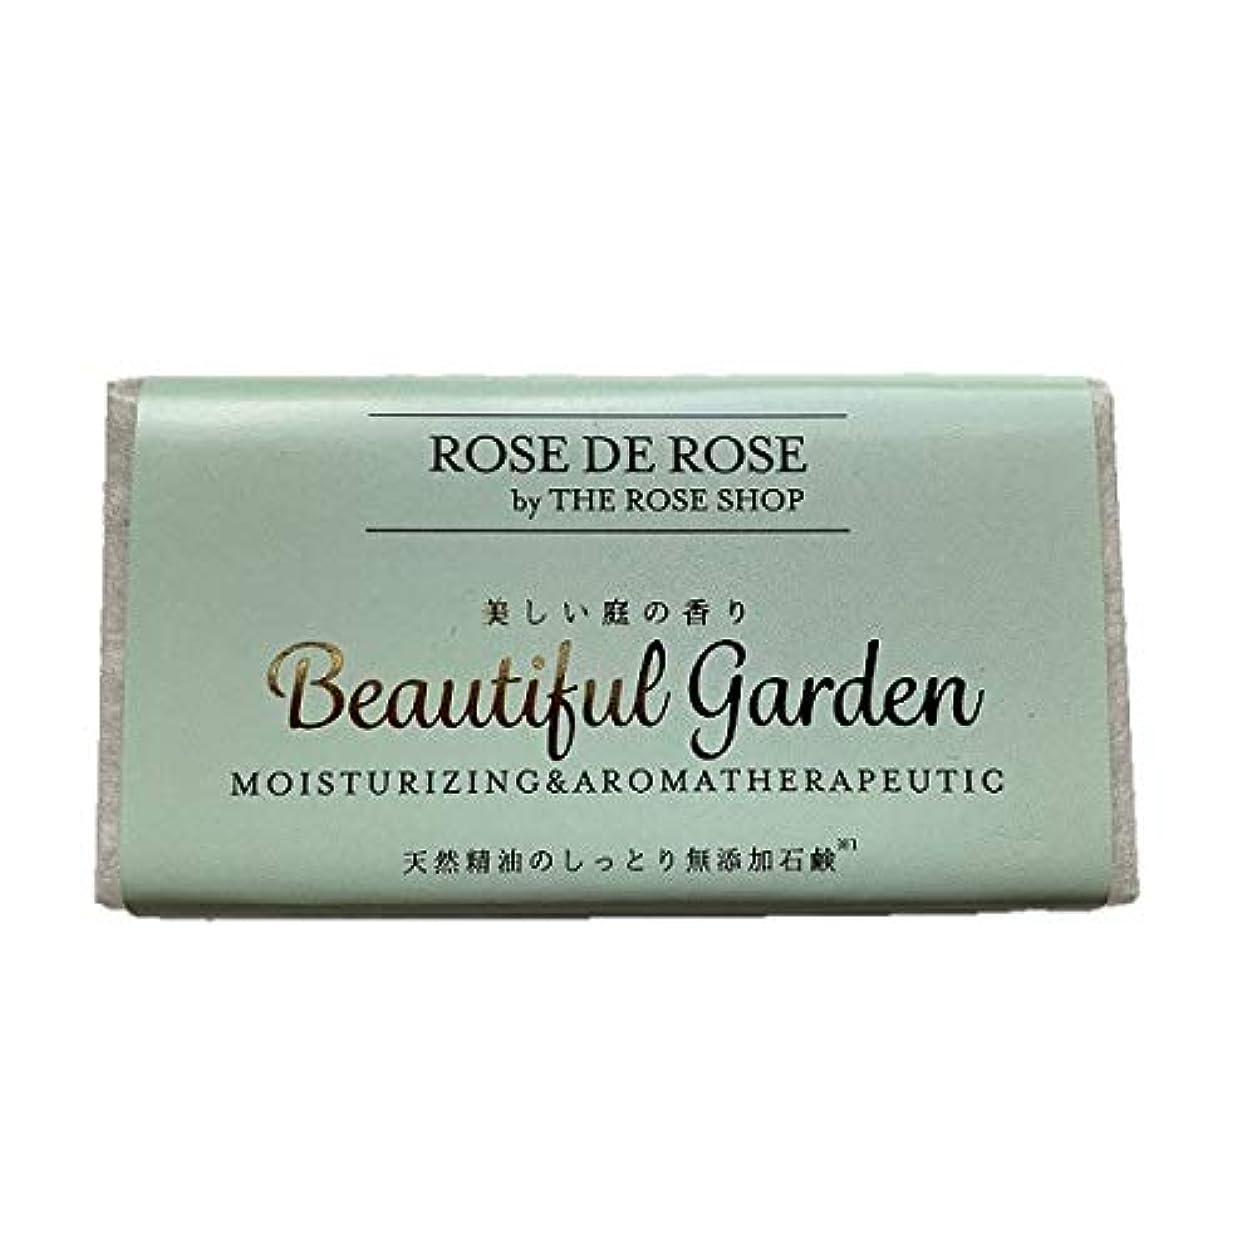 作成者使役未知の天然精油の無添加石鹸 「美しい庭の香り ビューティフルガーデン」